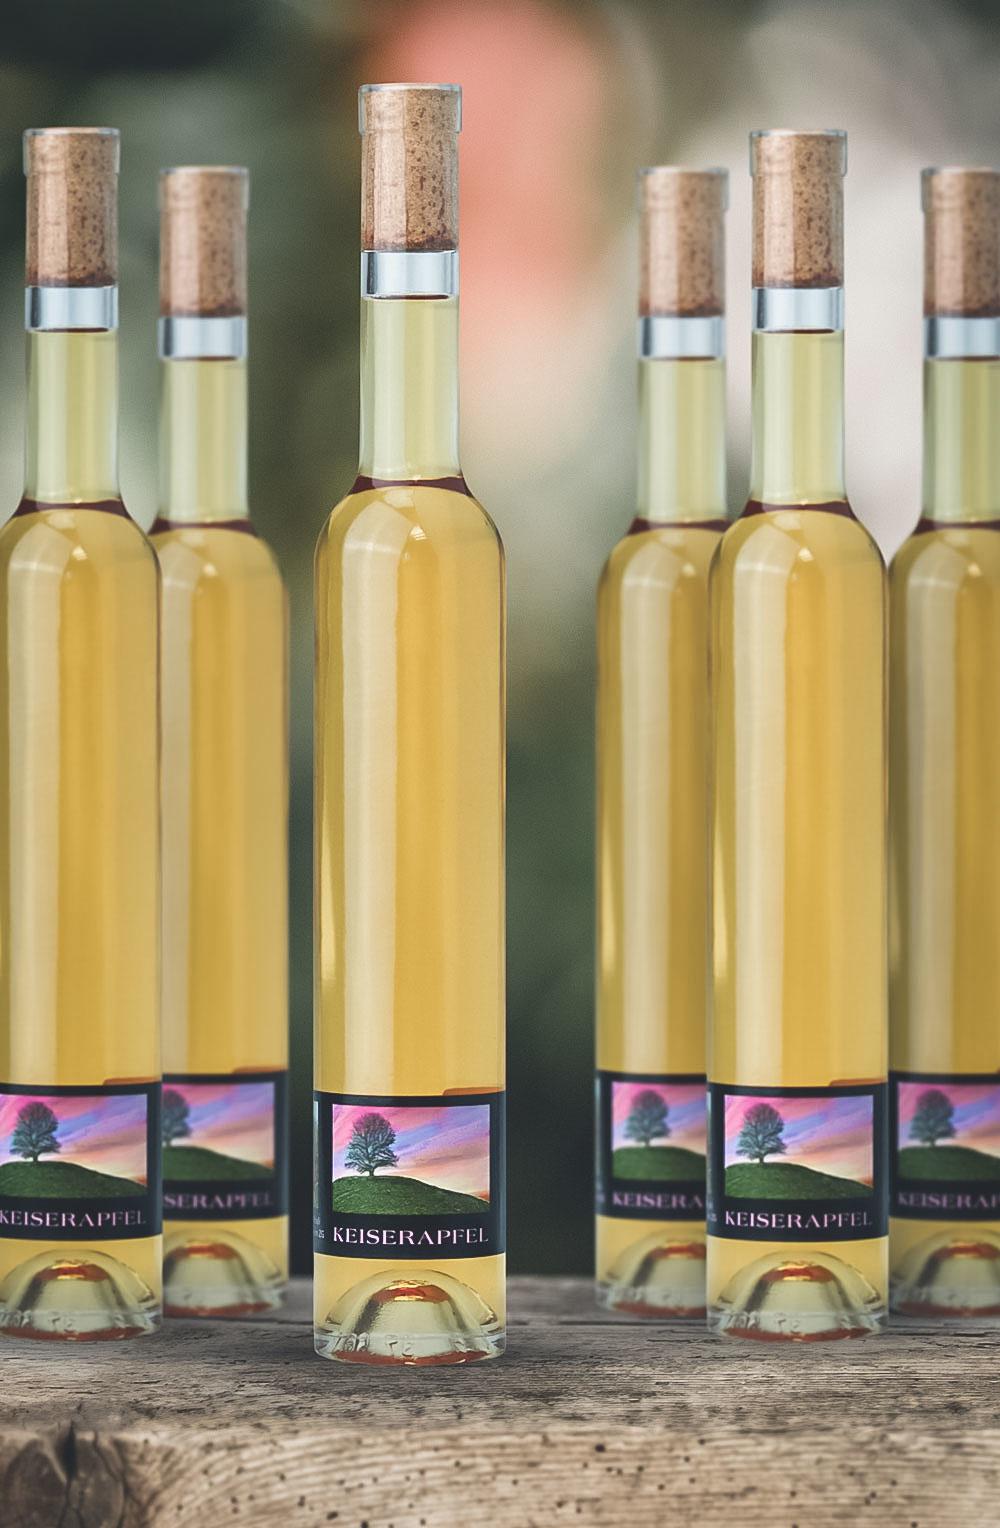 Keiserapfel 6 Flaschen-1